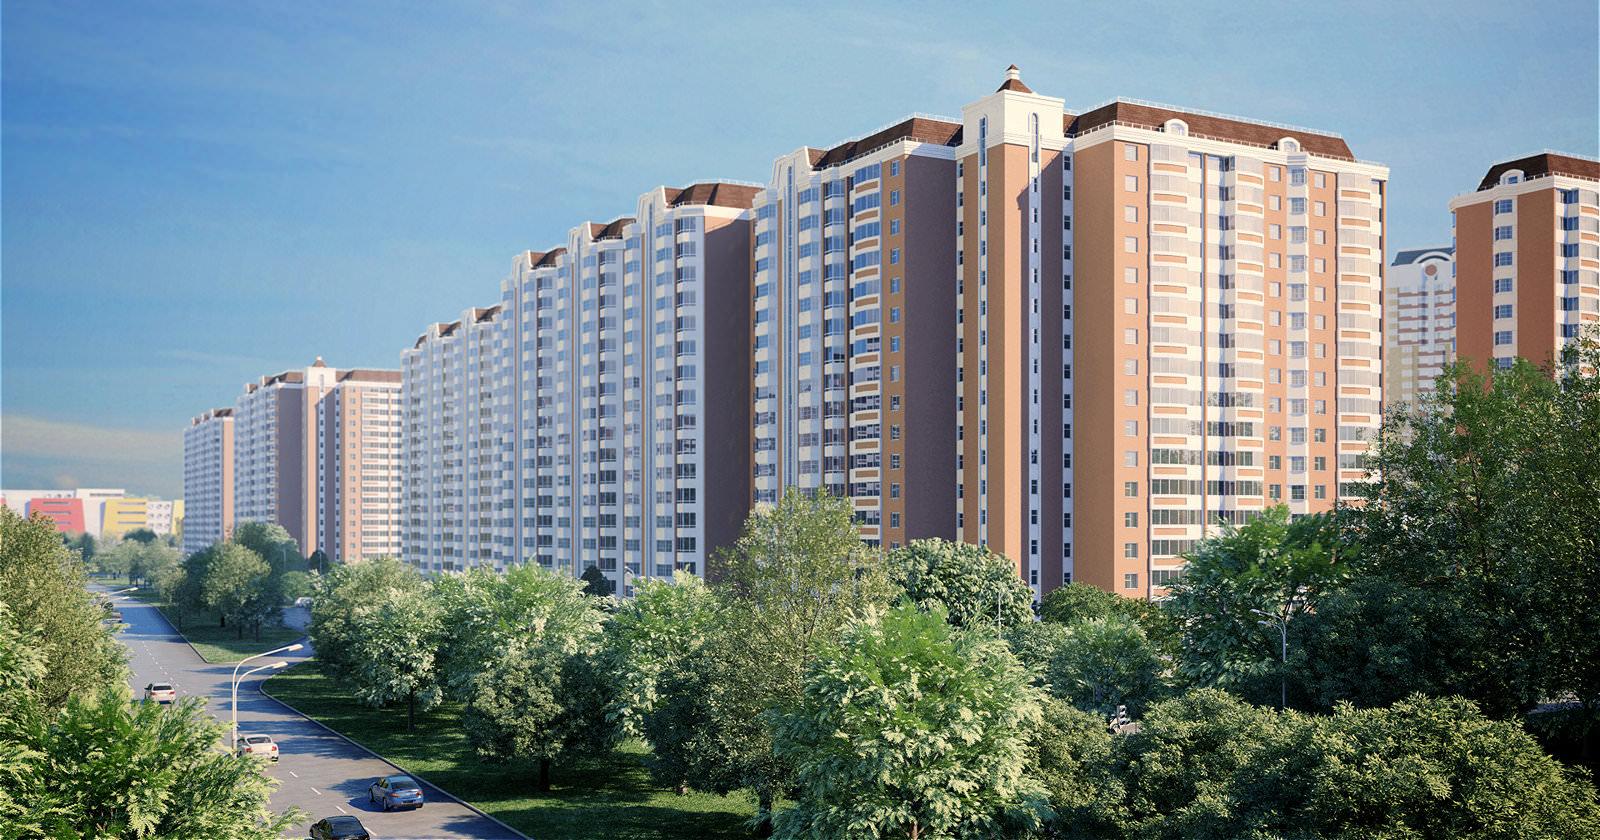 Сбербанк начал ипотечное кредитование в новостройках ЖК «Некрасовка-Парк»